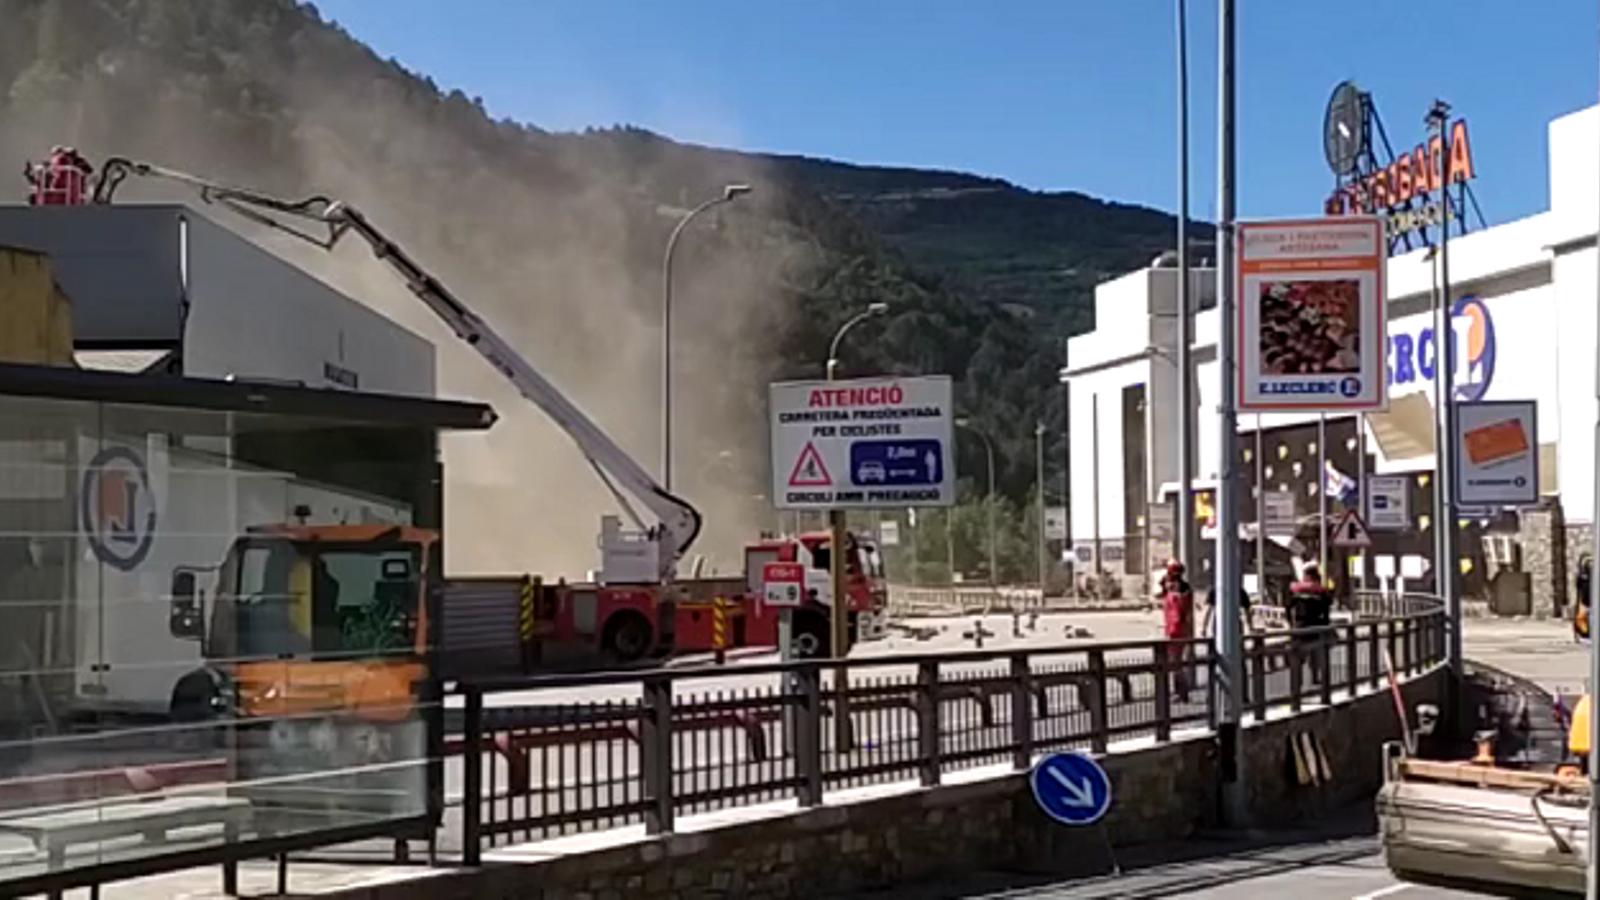 Vídeo de la zona on s'aprecia que encara cauen pedres a les onze del matí